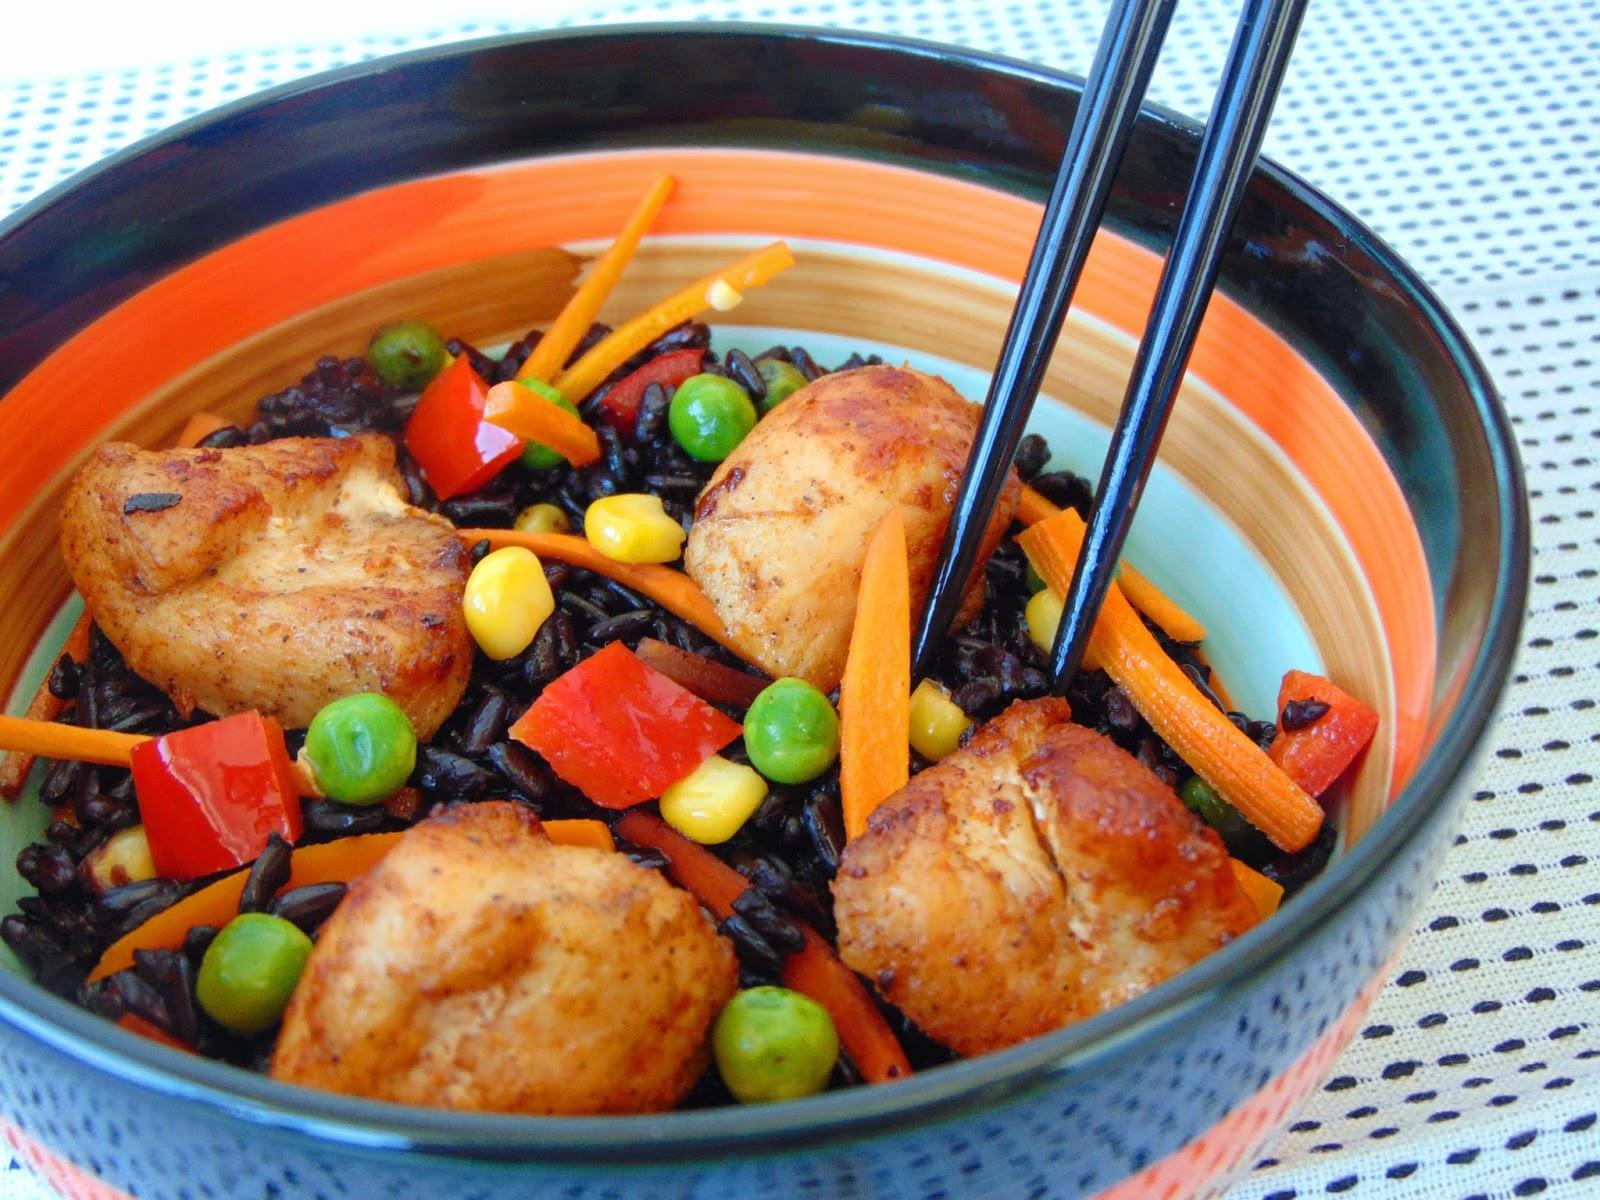 Piept-de-pui-cu-orez-negru-si-legume-1